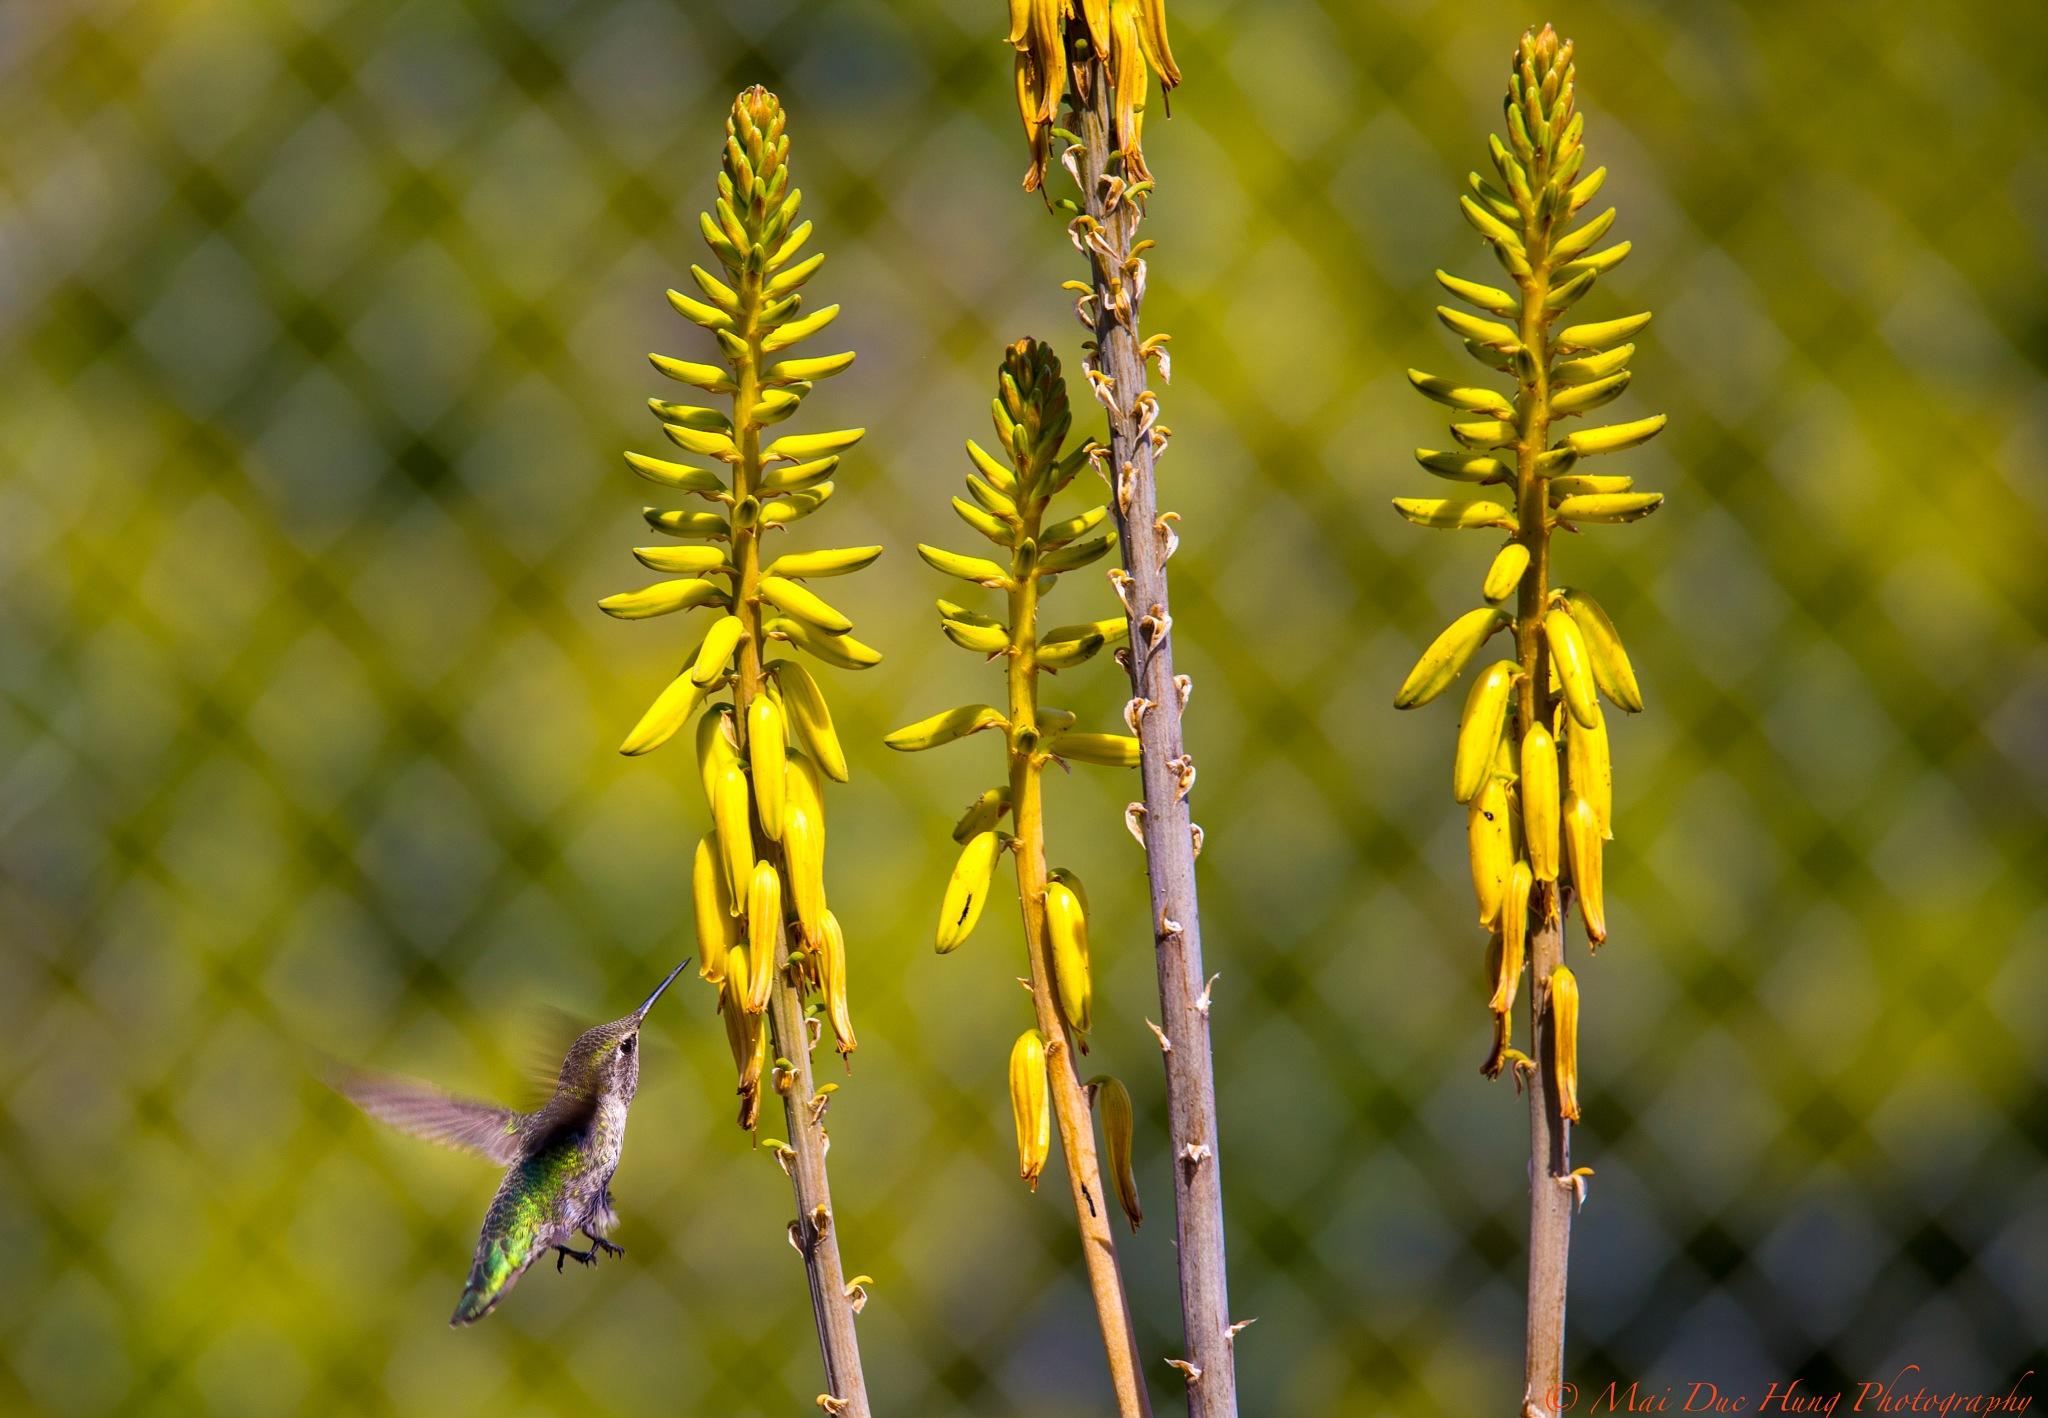 Bird from my yard... by alandmai